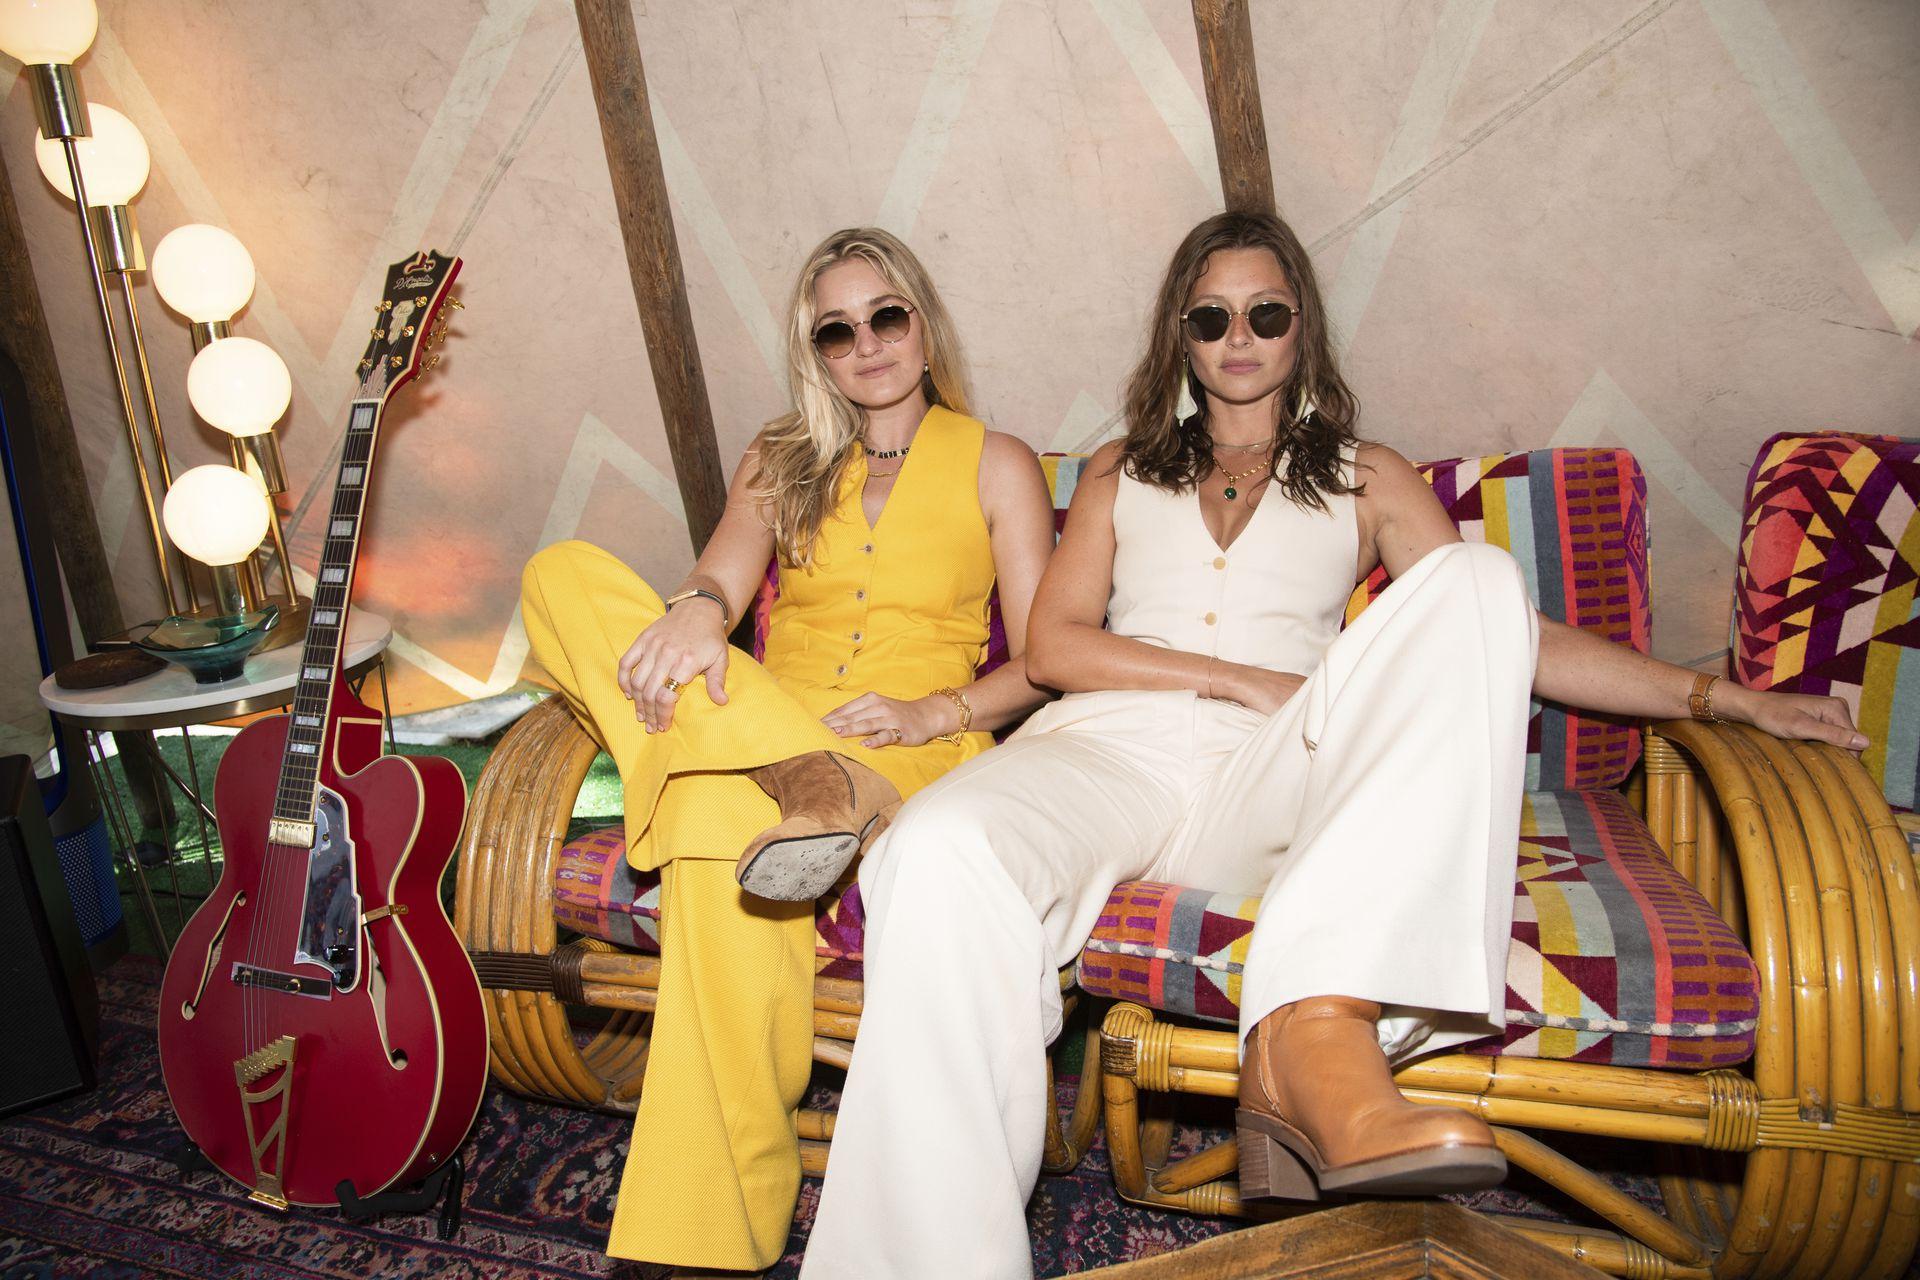 AJ Michalka, izquierda, y Aly Michalka de Aly y AJ posan en el primer día del Festival de Música de Lollapalooza